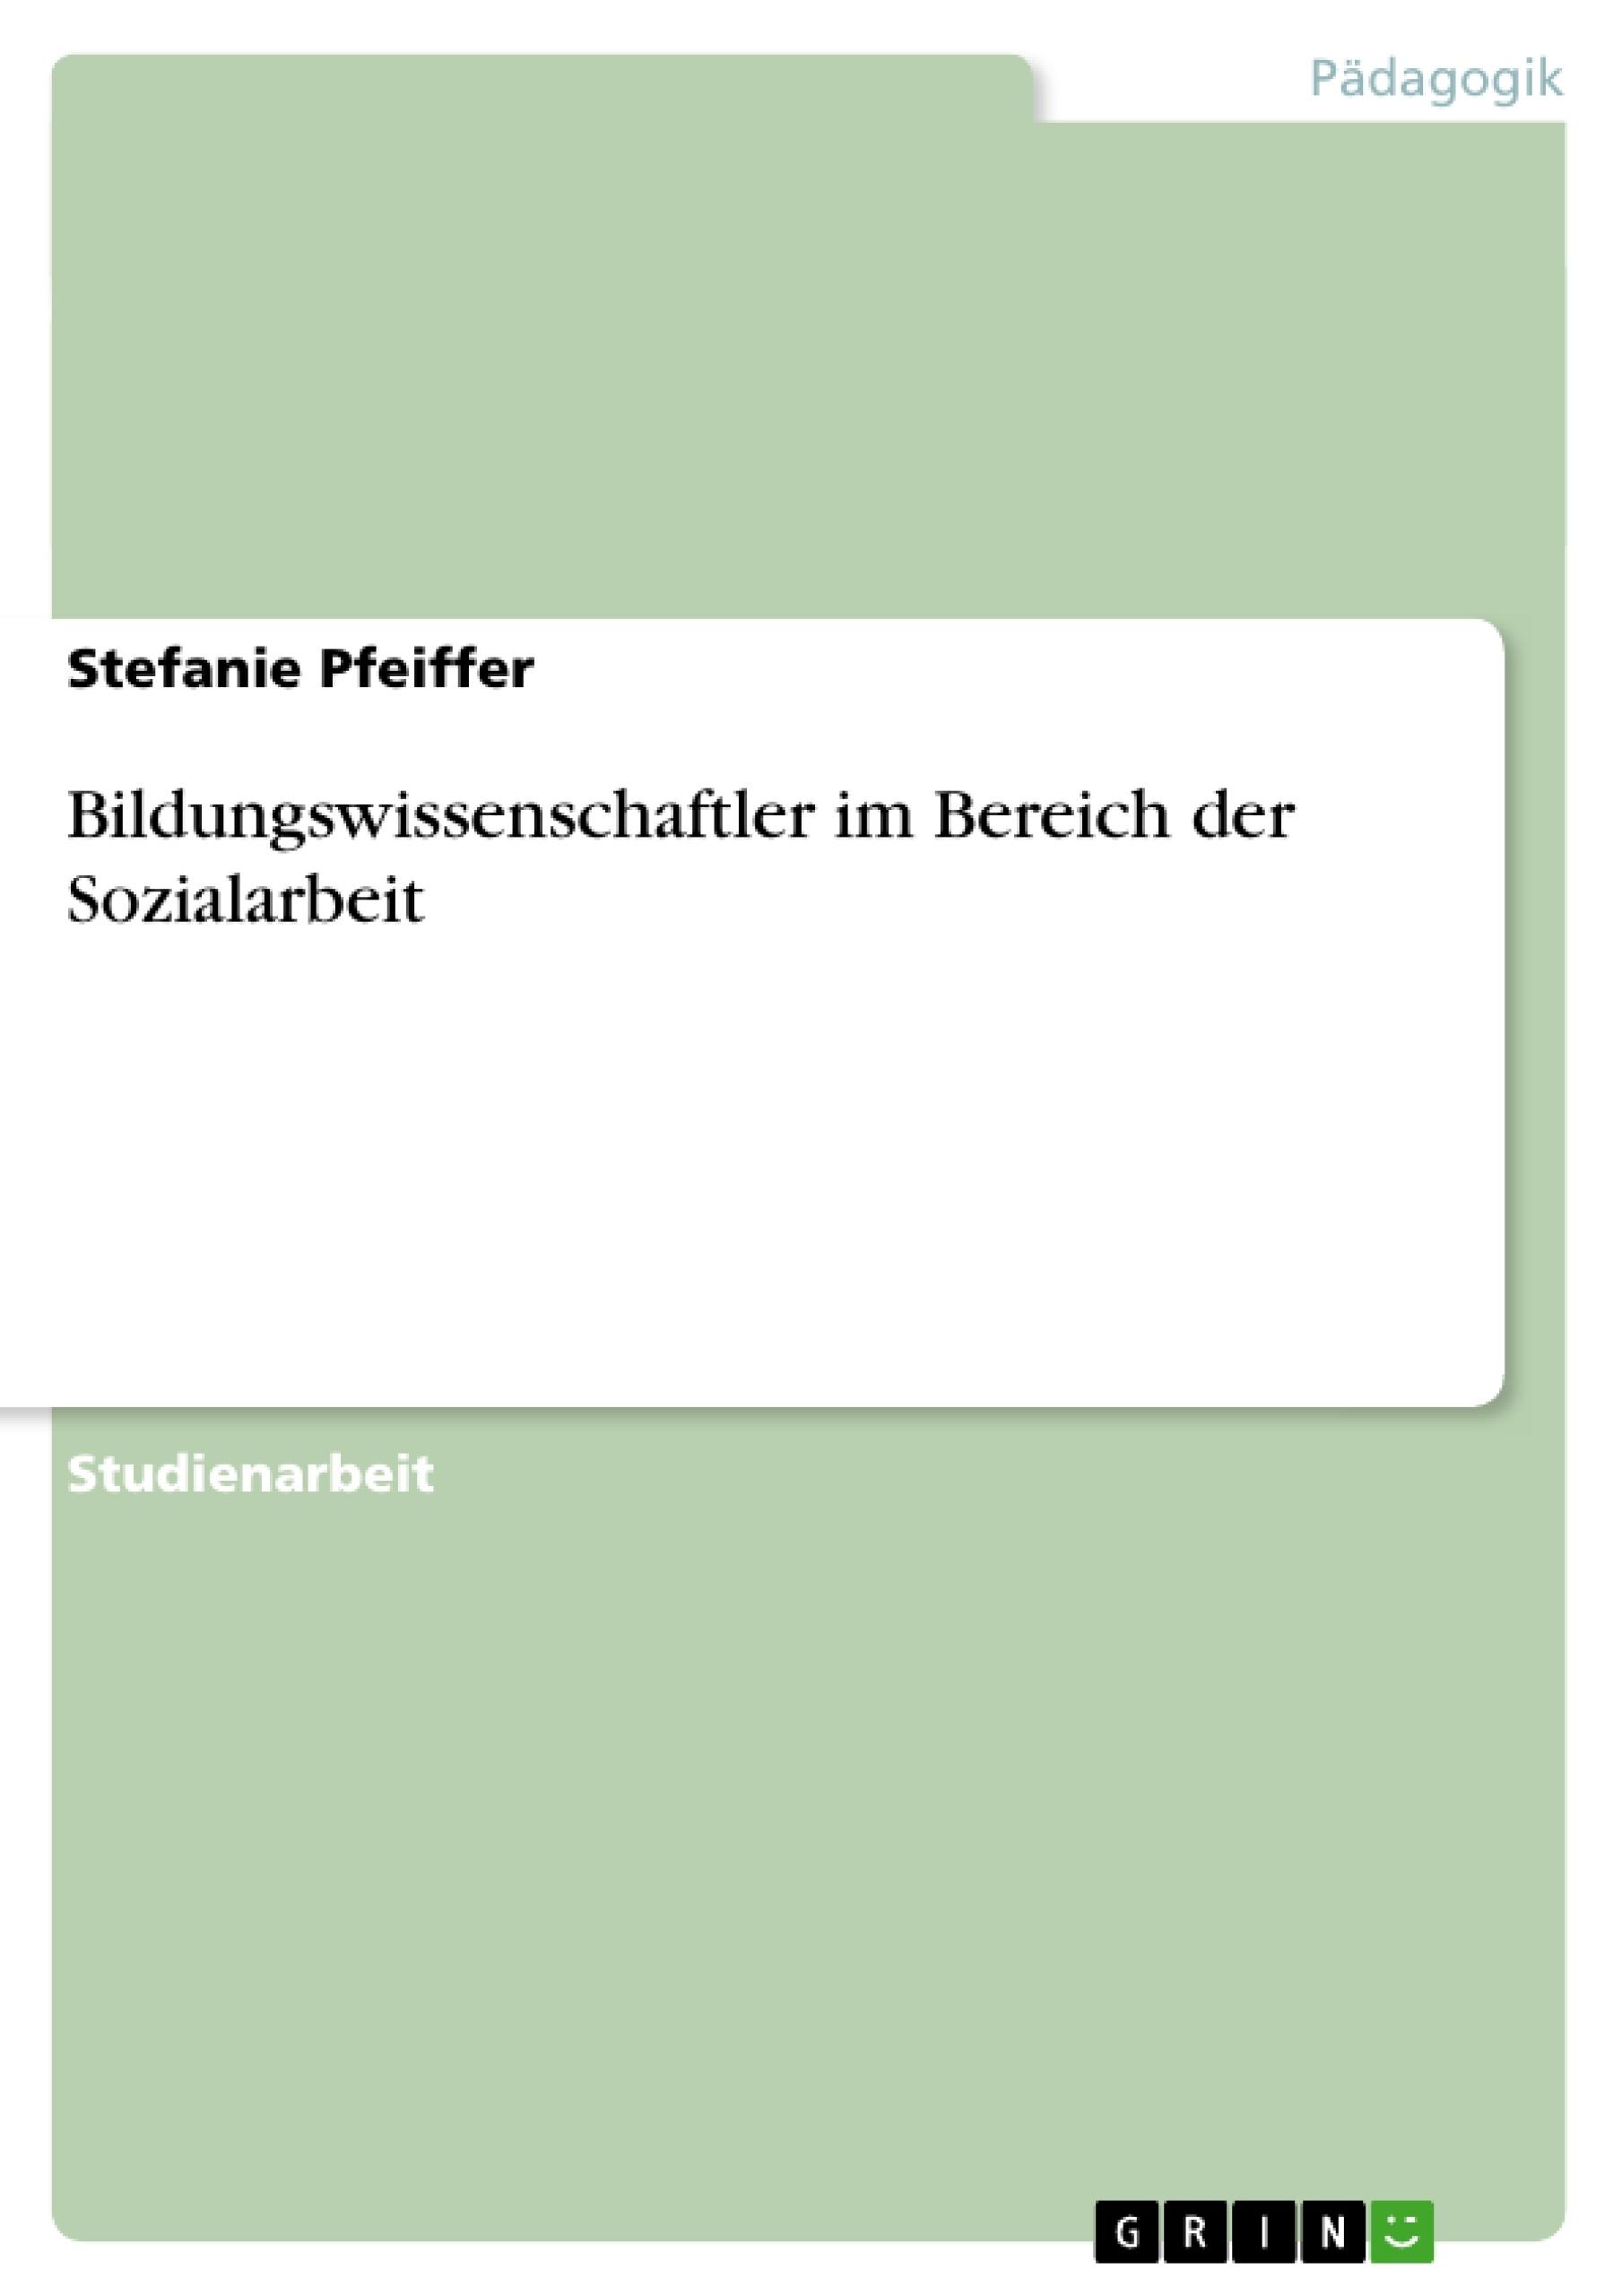 Titel: Bildungswissenschaftler im Bereich der Sozialarbeit